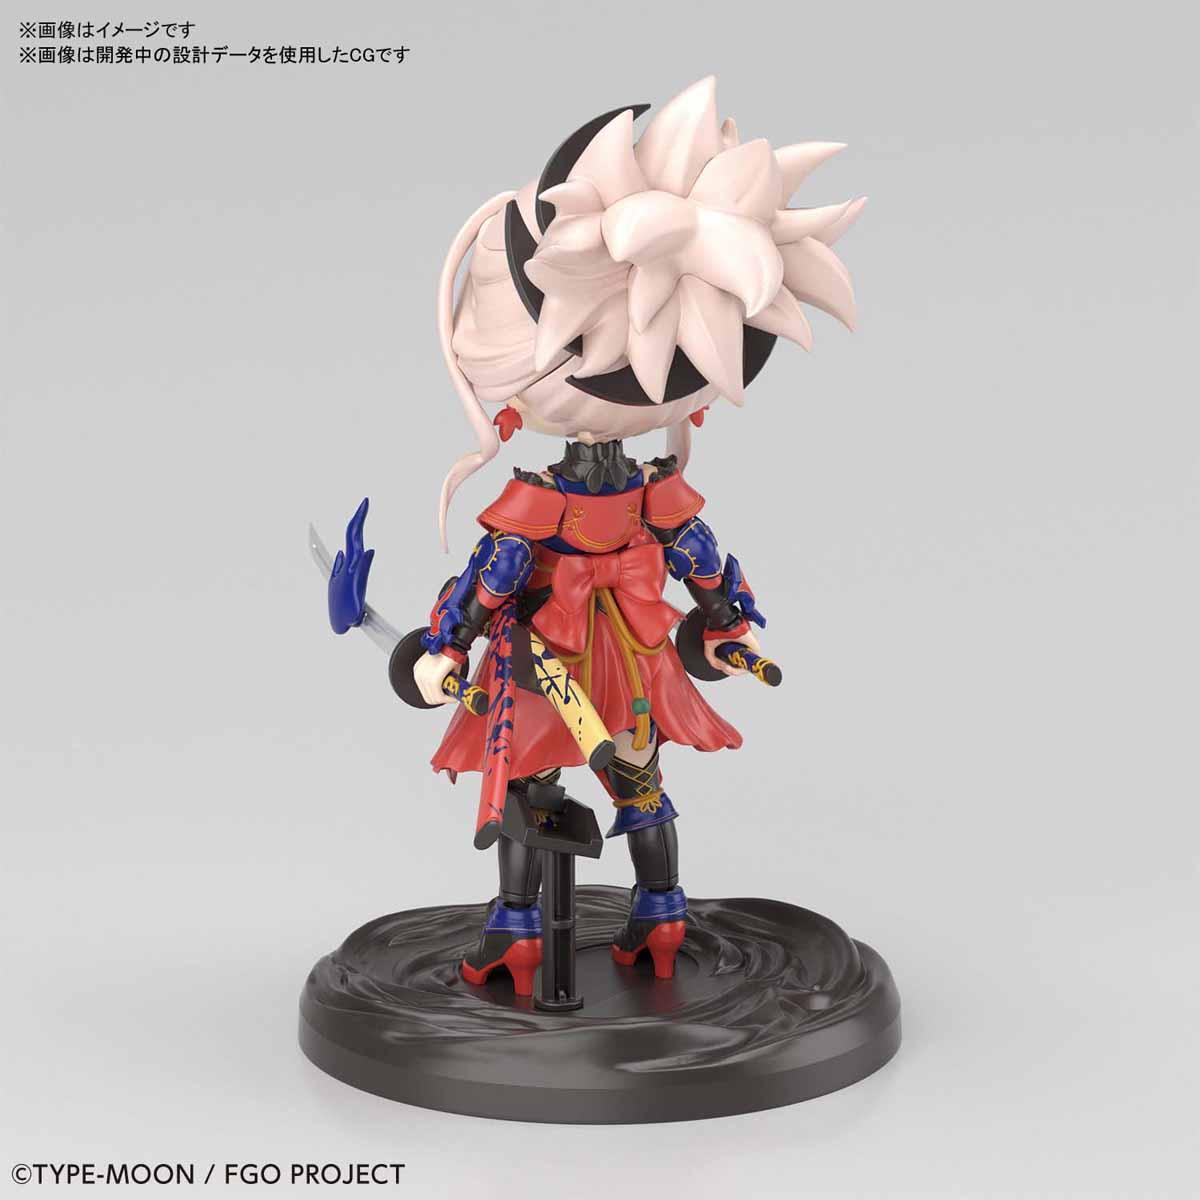 ぷちりっつ『セイバー/宮本武蔵』Fate/Grand Order プラモデル-003